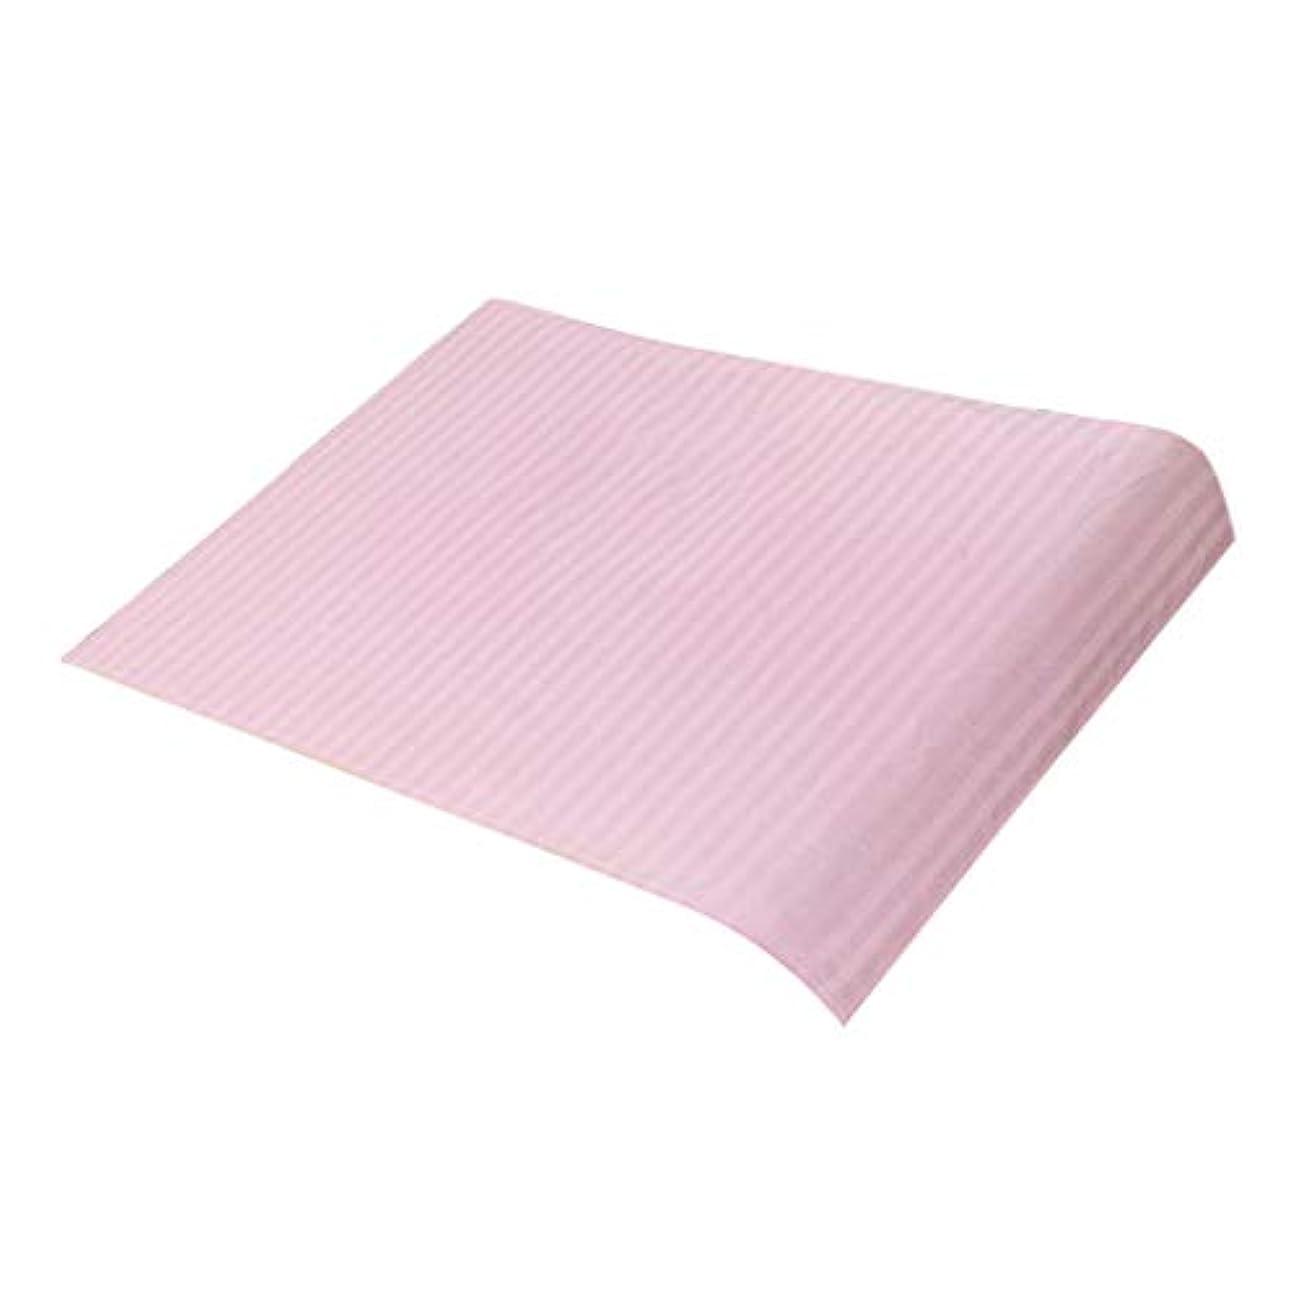 固執触覚お尻マッサージベッドカバー 美容ベッドカバー スパ マッサージテーブルスカート 綿素材 断面デザイン - ピンク